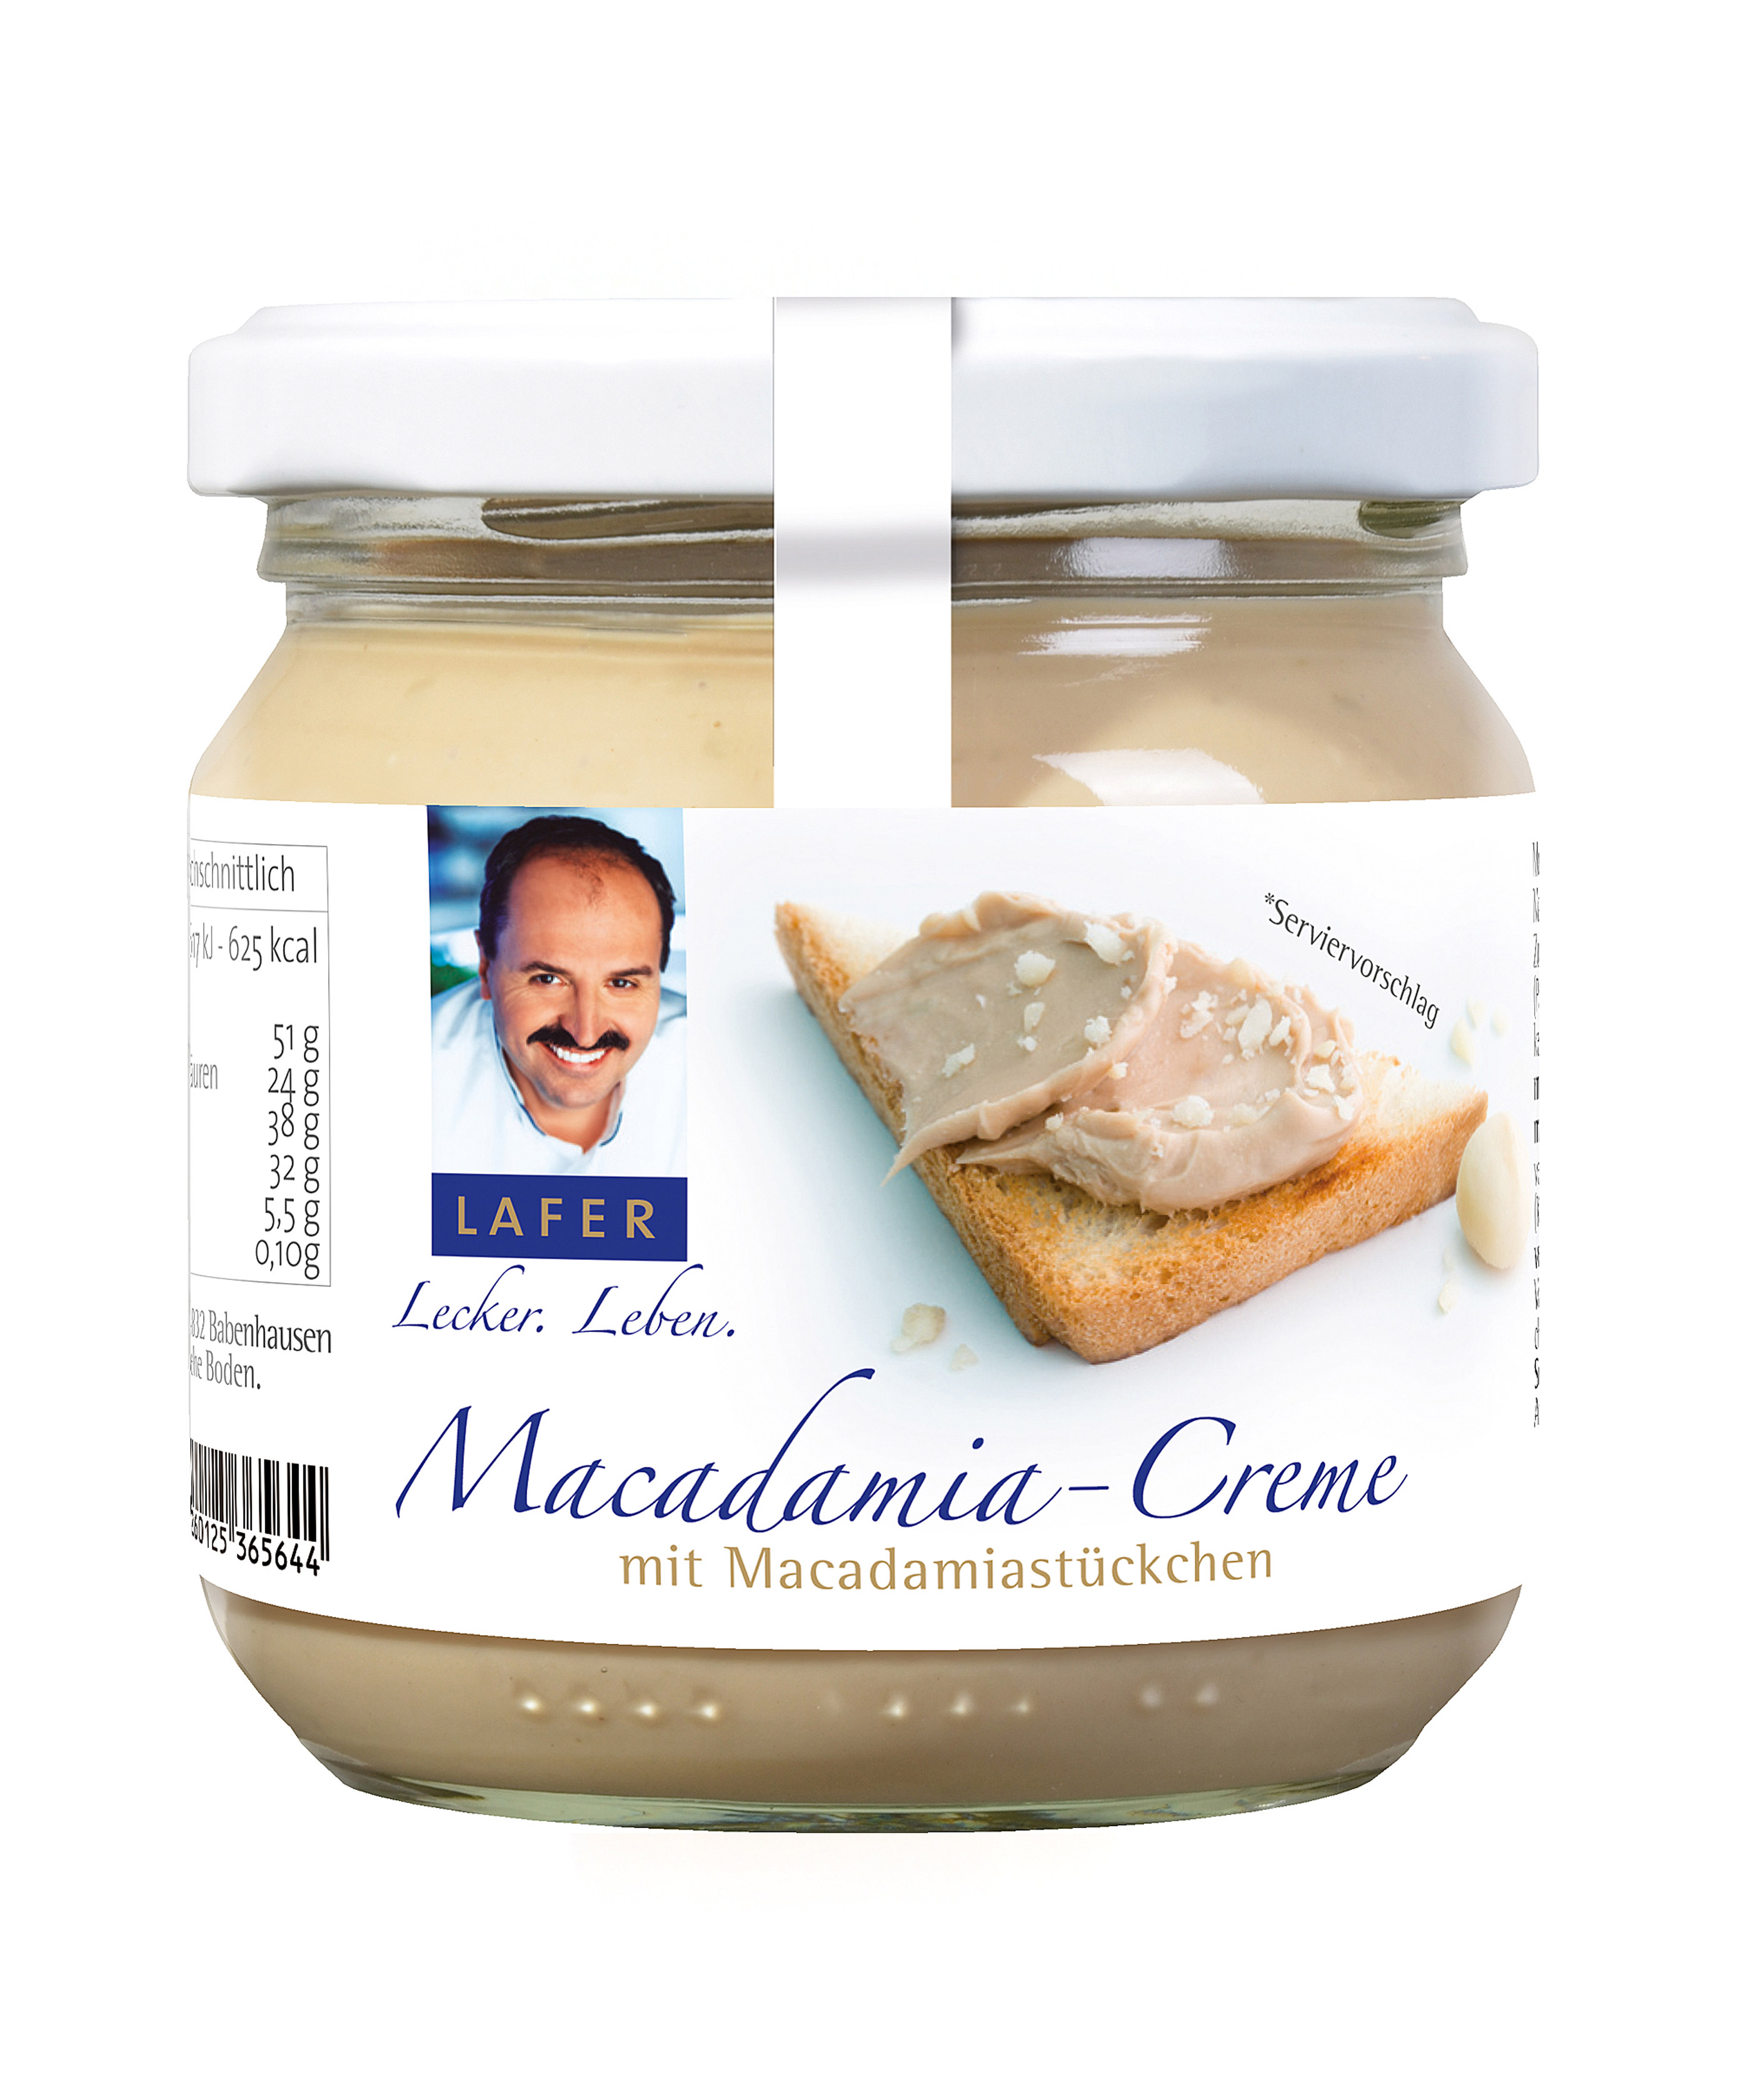 johann-lafer-macadamia-creme-mit-macadamiastuckchen-190-g